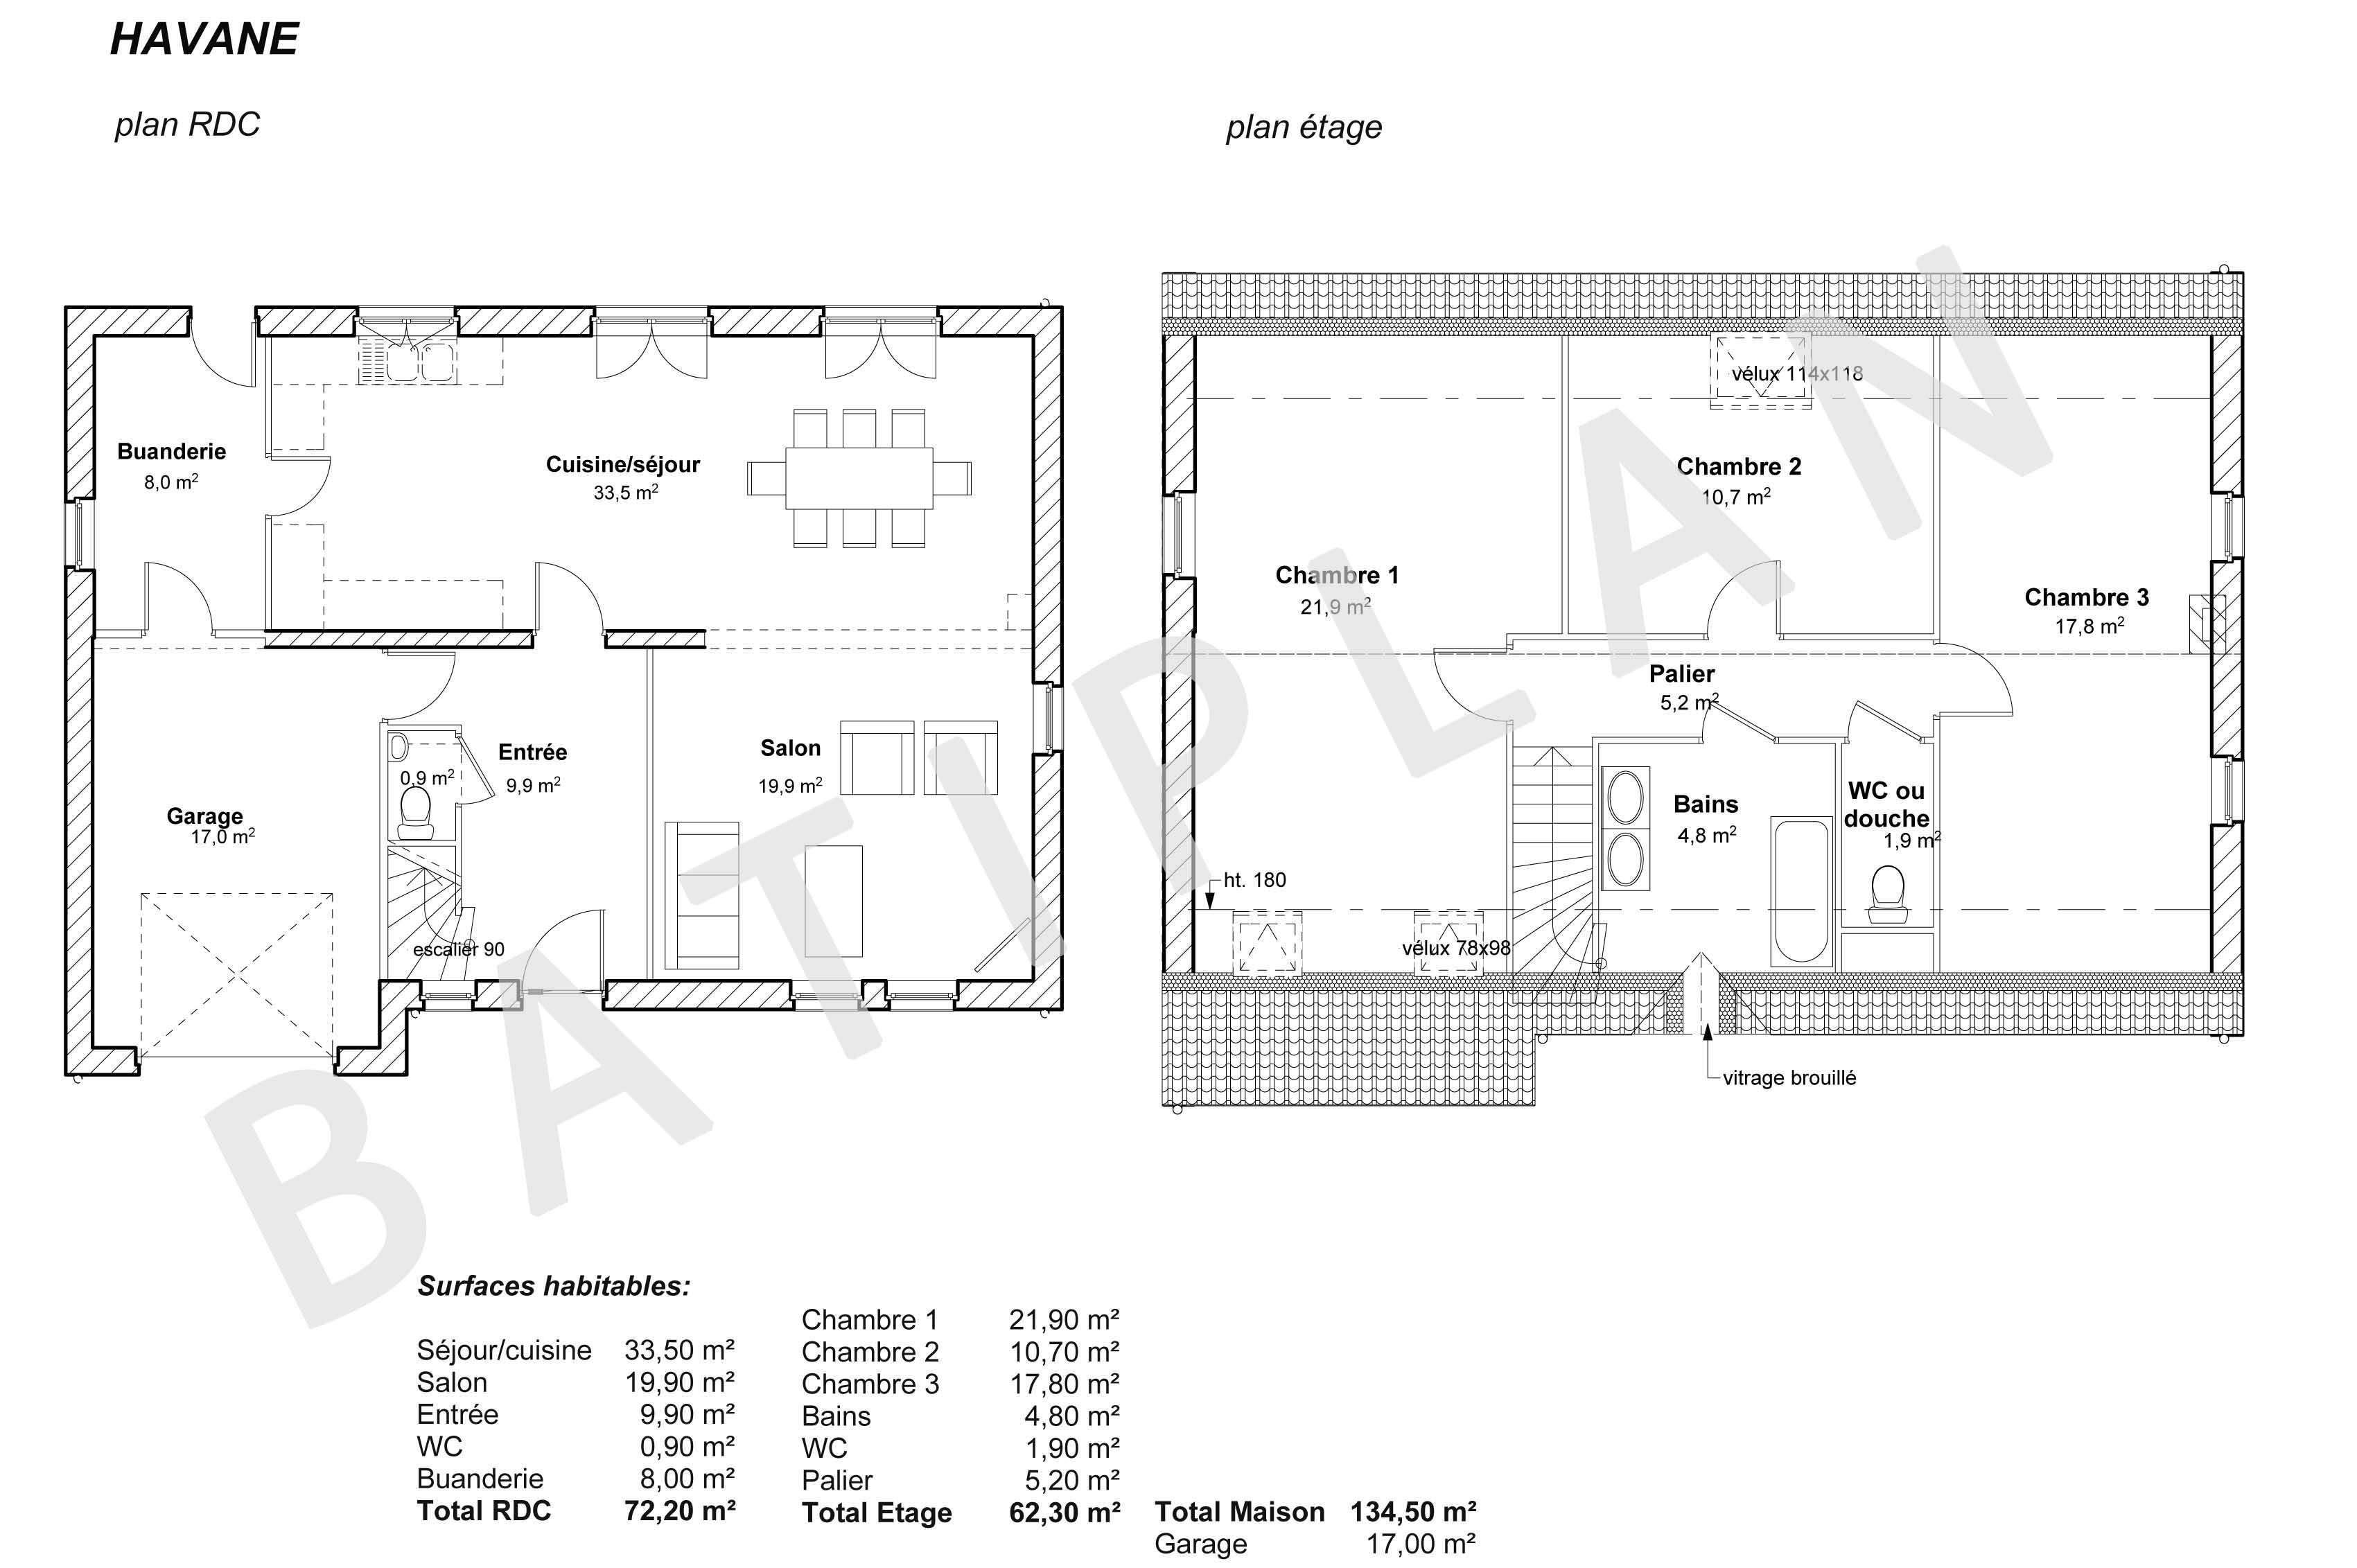 Plans et permis de construire notre plan de maison havane for Site de plan de maison